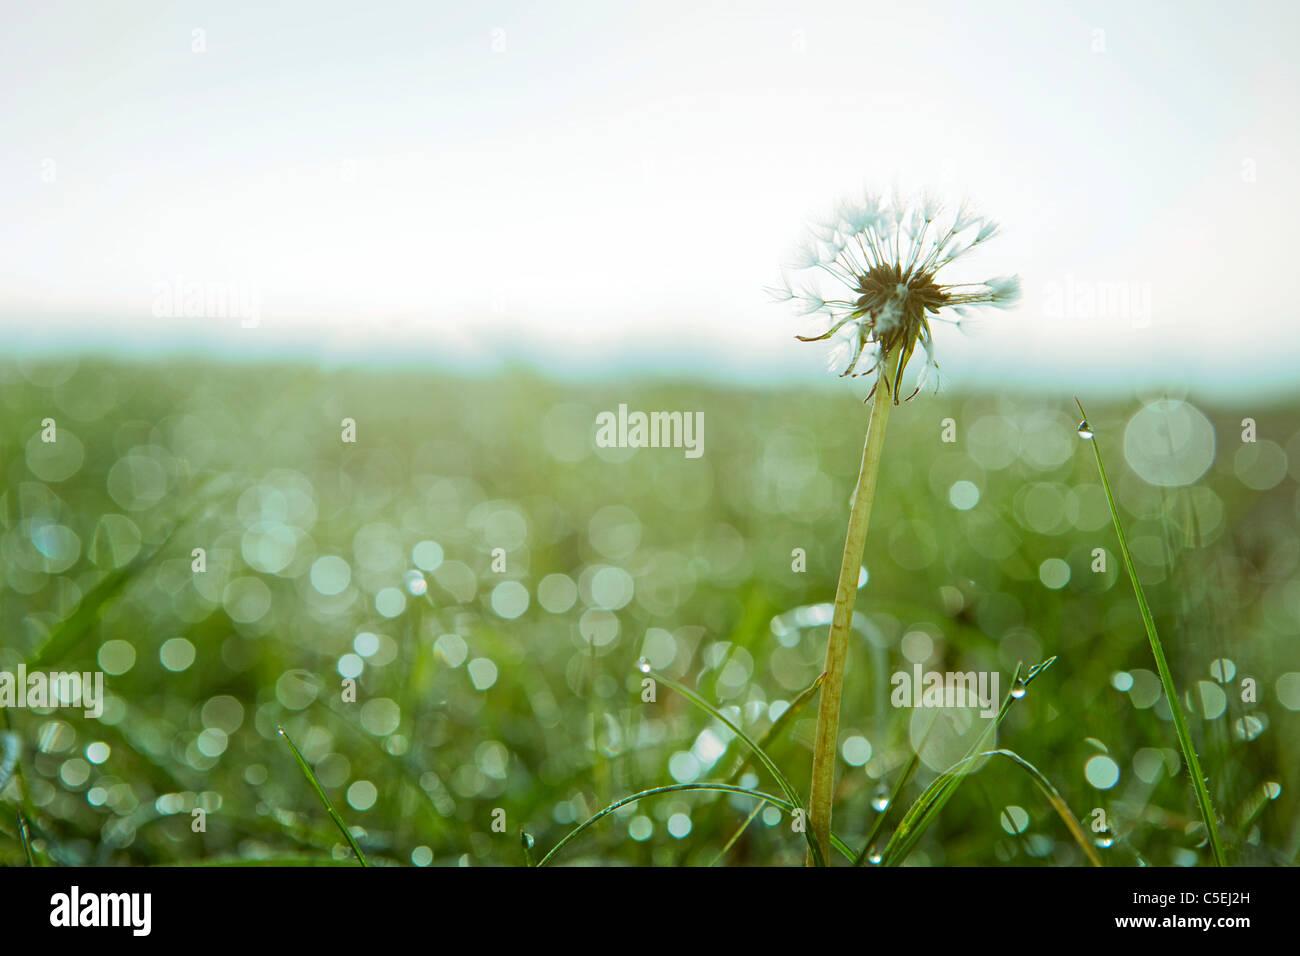 Dandelion flower in morning dew grass - Stock Image